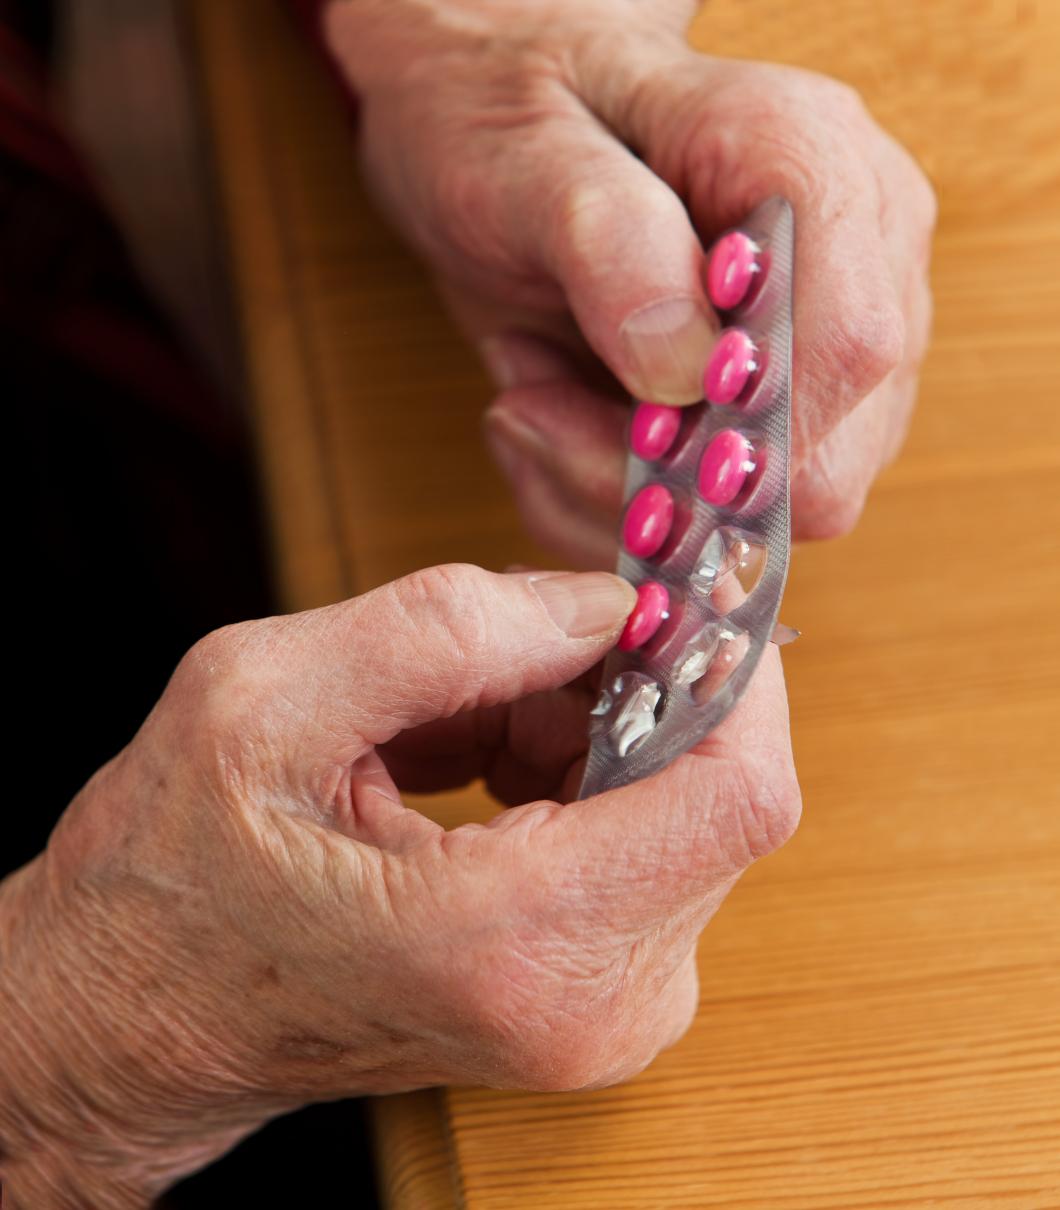 Kraftig minskning av olämpliga läkemedel till äldre i Skåne